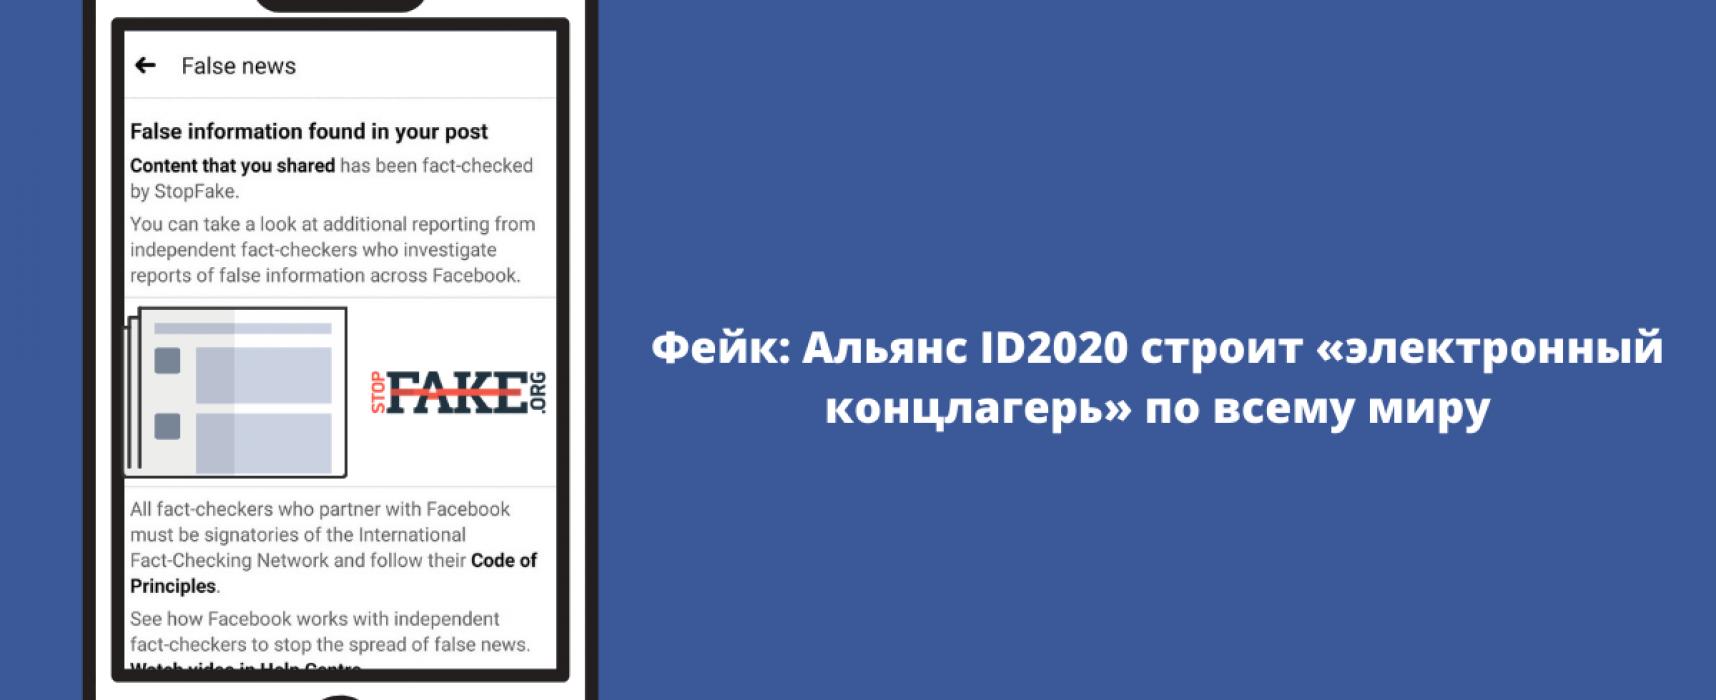 Фейк: Альянс ID2020 строит «электронный концлагерь» по всему миру